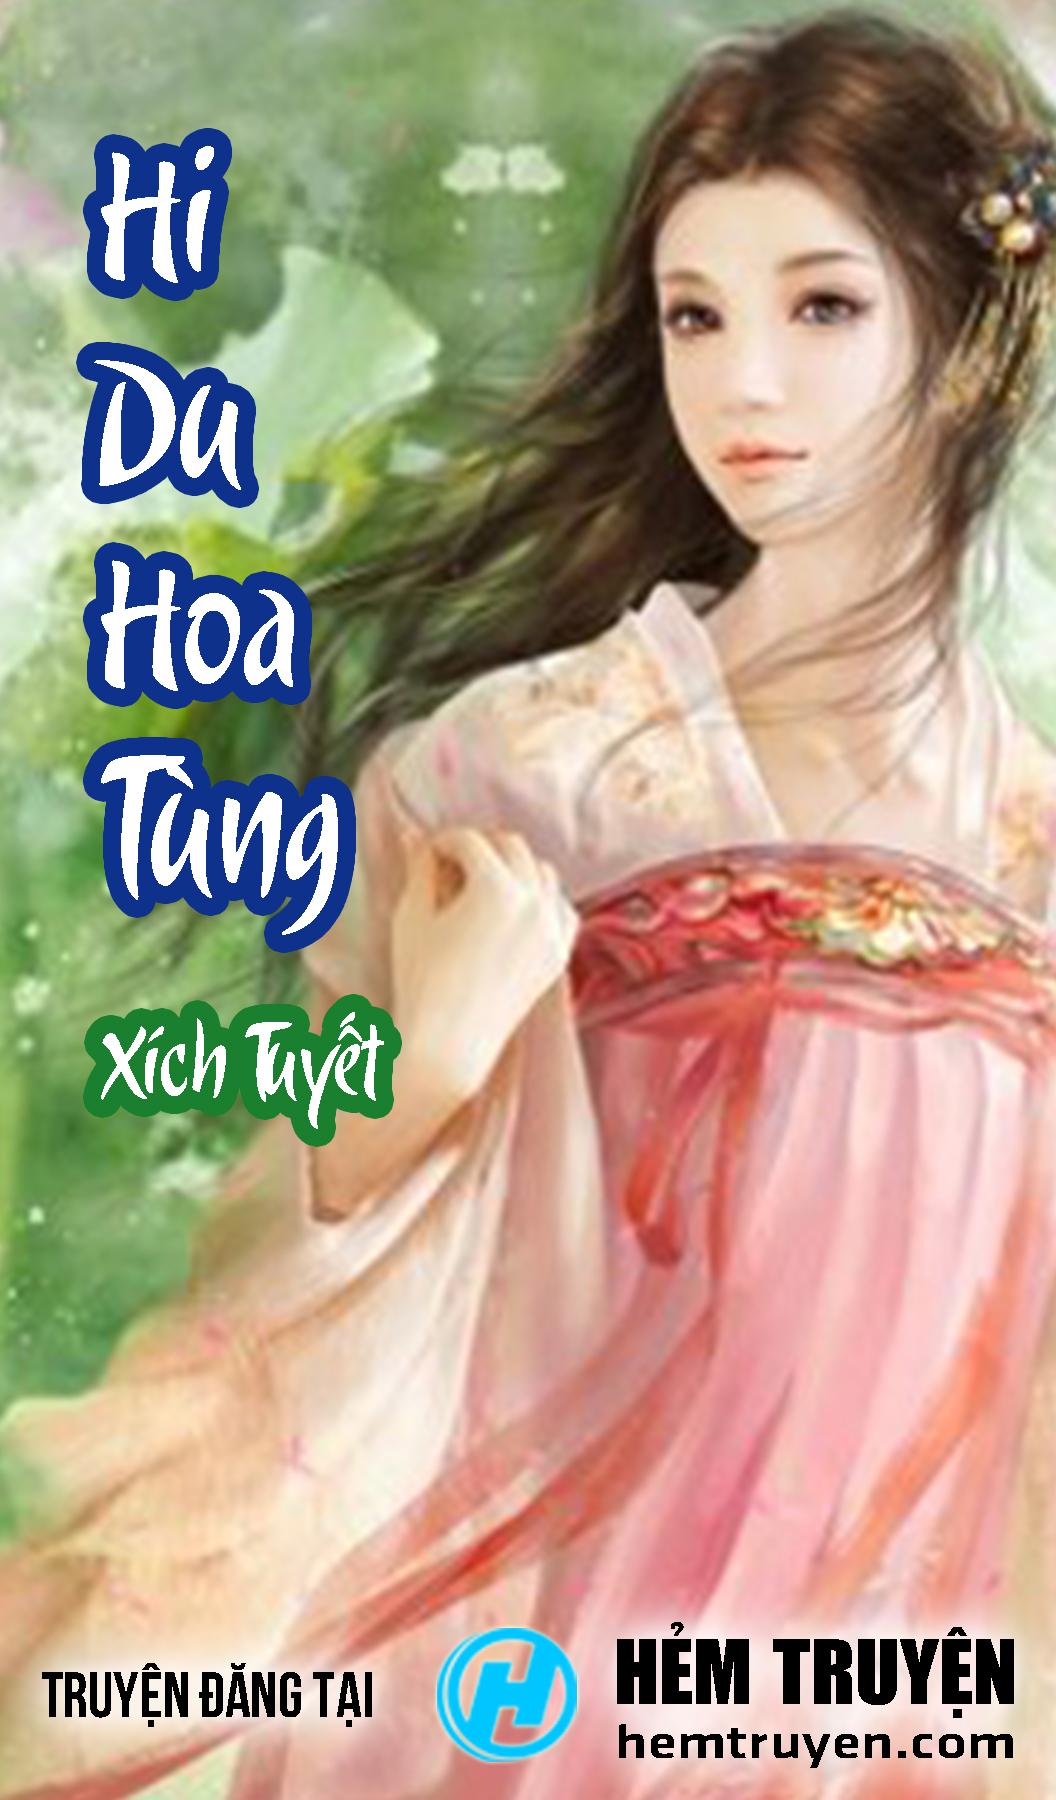 Đọc truyện Hi Du Hoa Tùng của Xích Tuyết trên HEMTRUYEN.COM